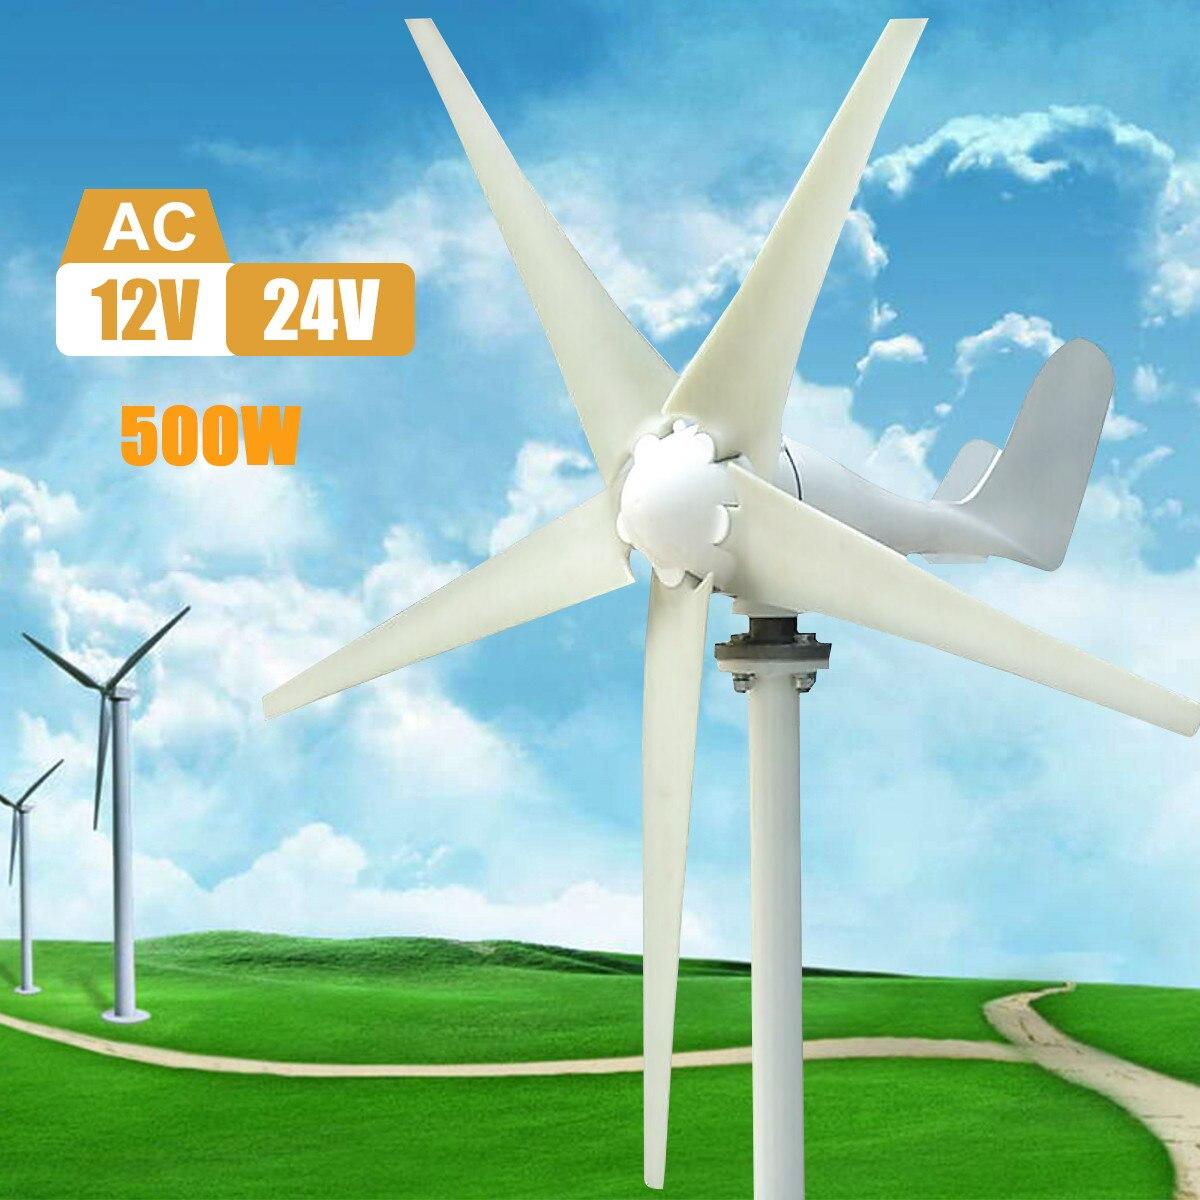 500 w Max 600 w Generatore di Turbina Eolica AC 12 v/24 v 5 Lama di Alimentazione per la Casa lampione ibrido uso